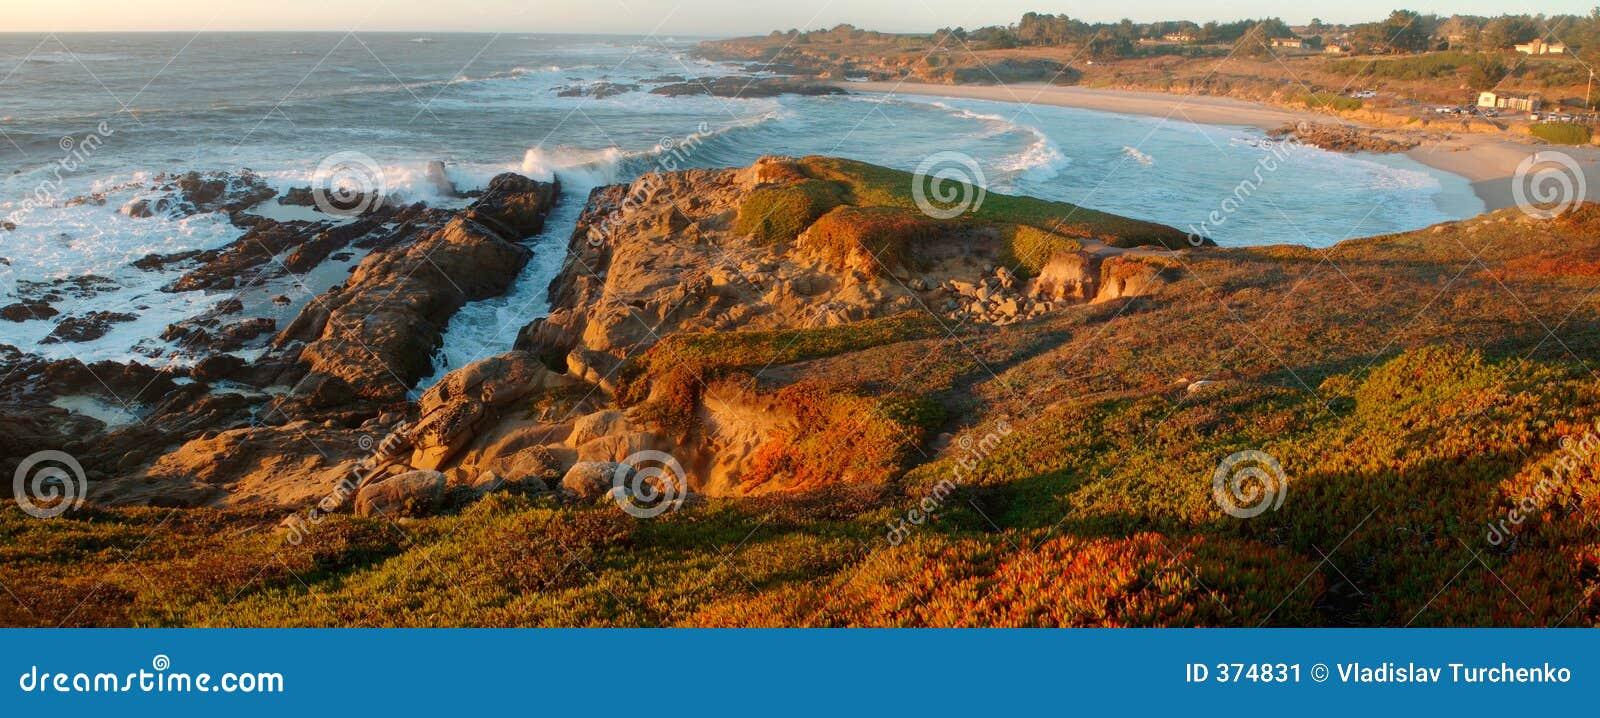 海滩豆加利福尼亚空心北状态日落